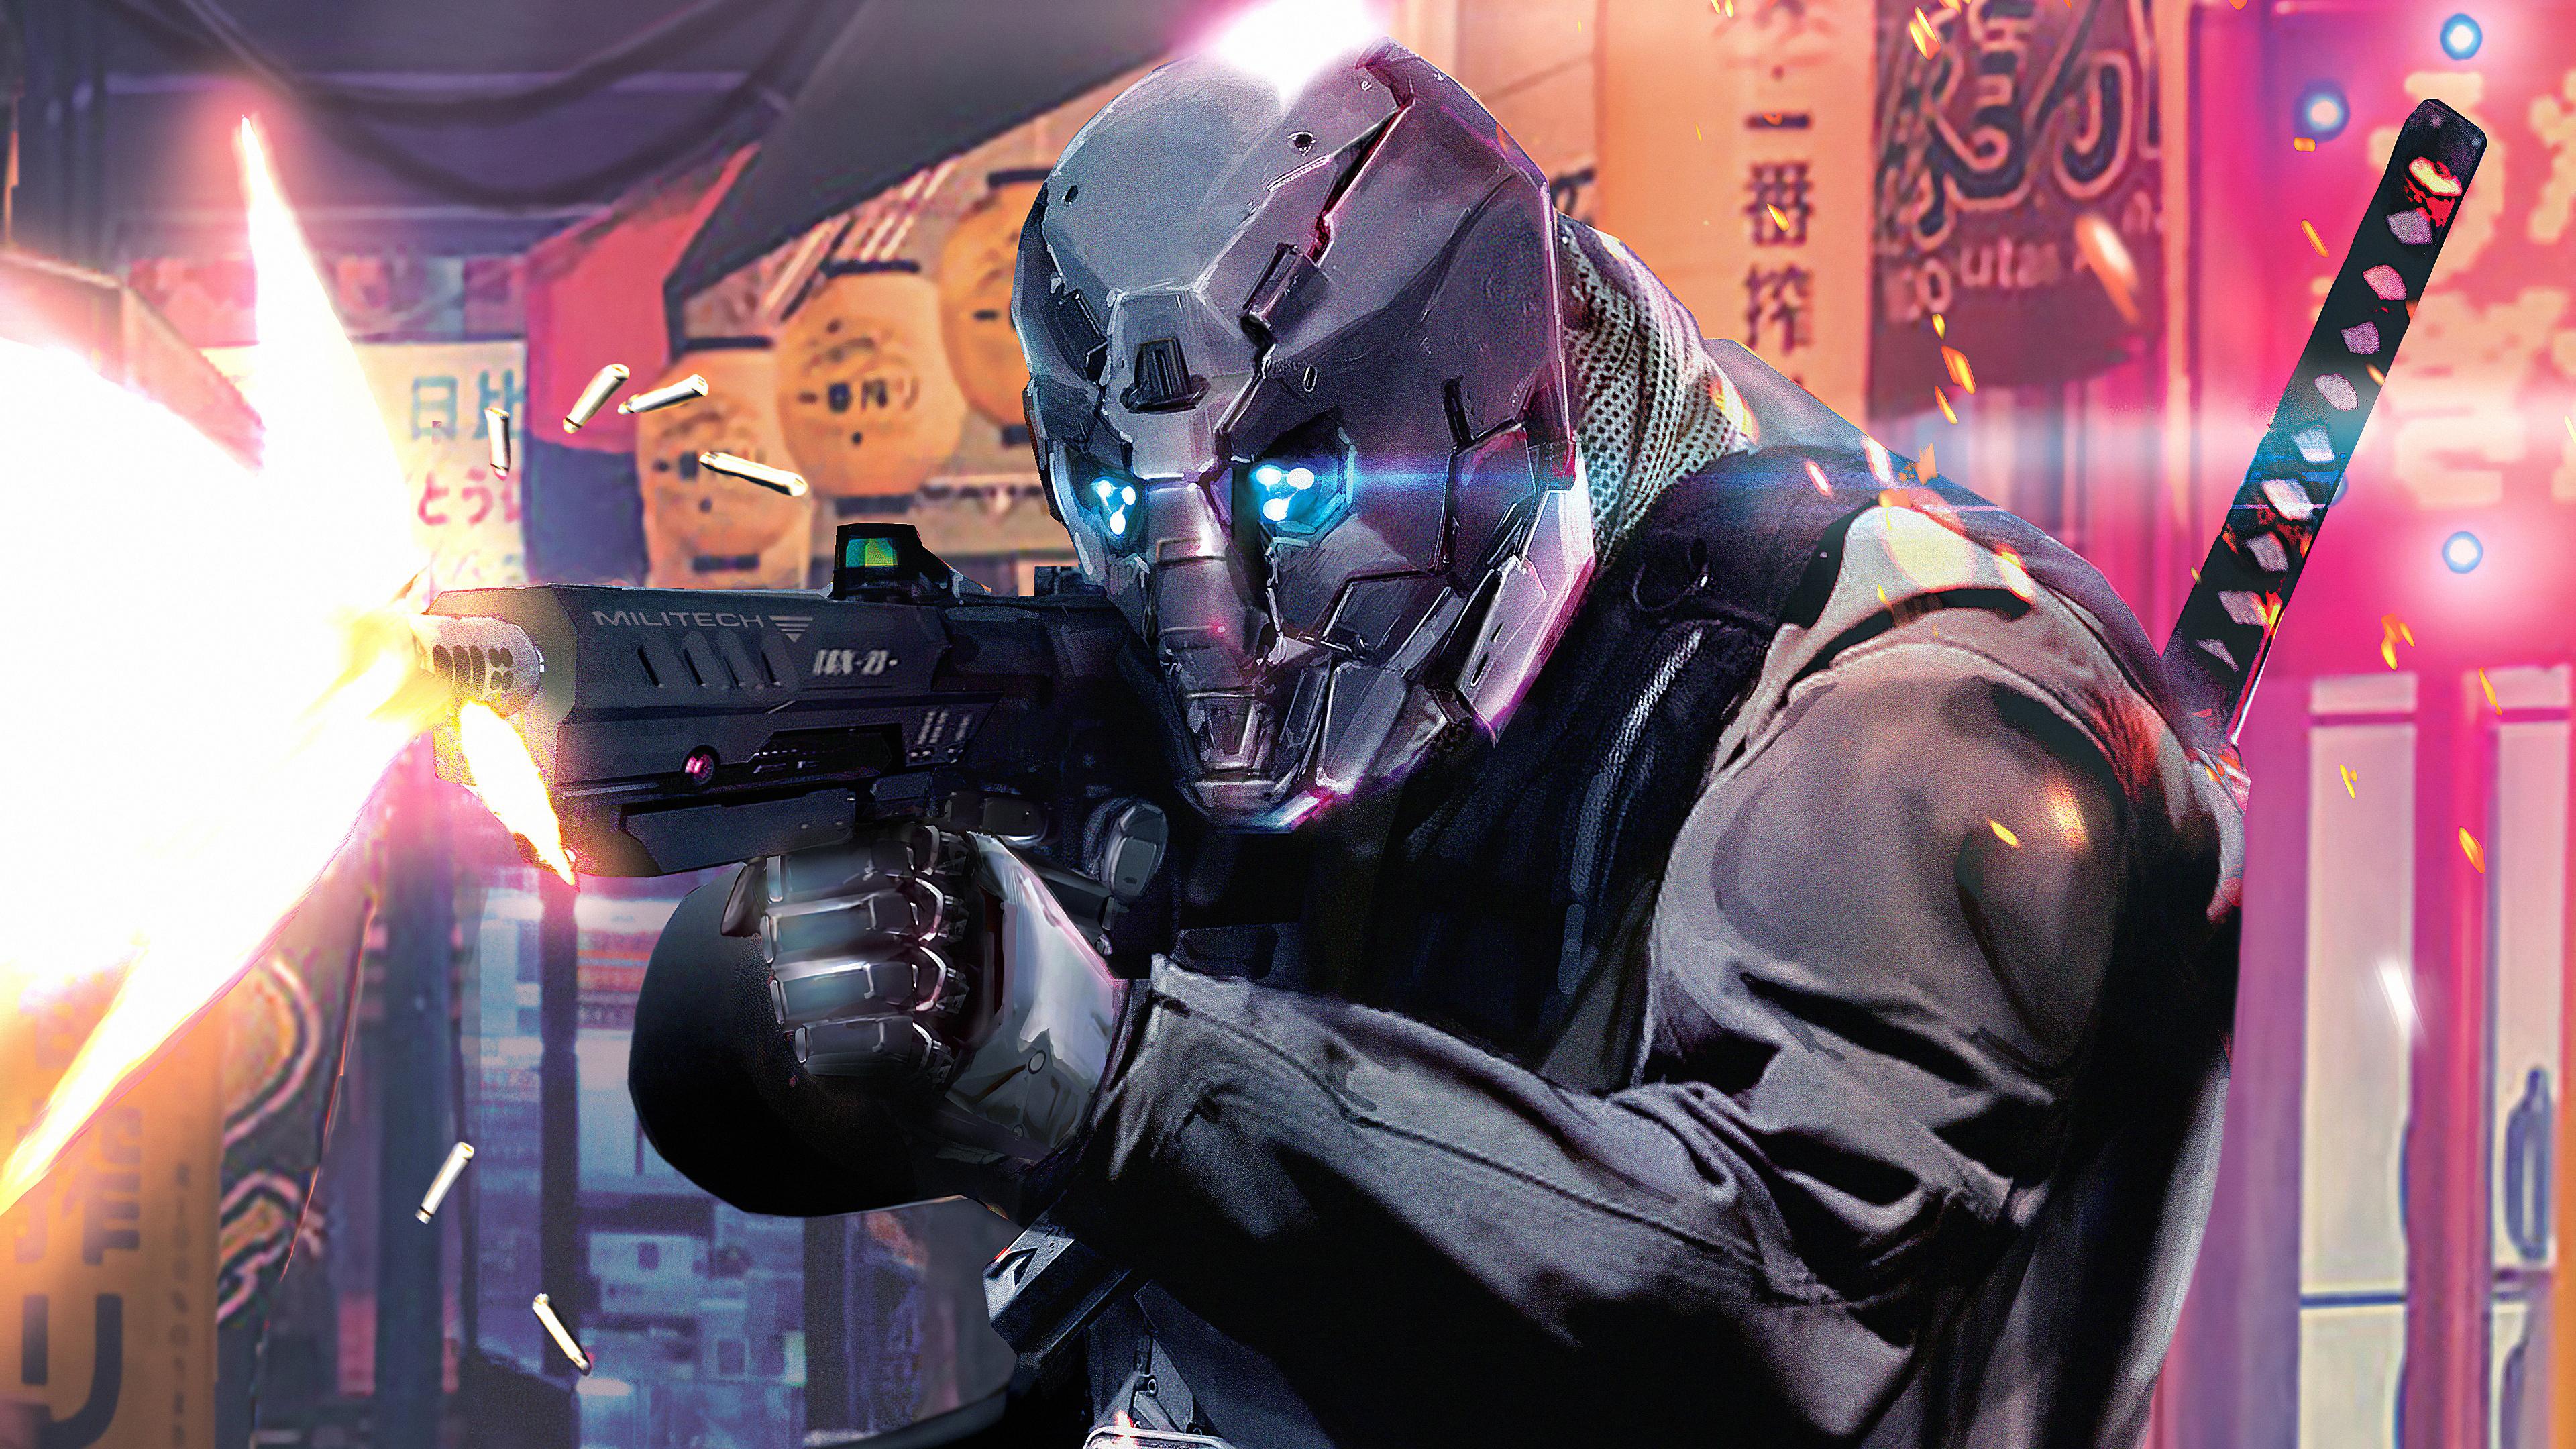 cyberpunk cyborg 1578254638 - Cyberpunk Cyborg -